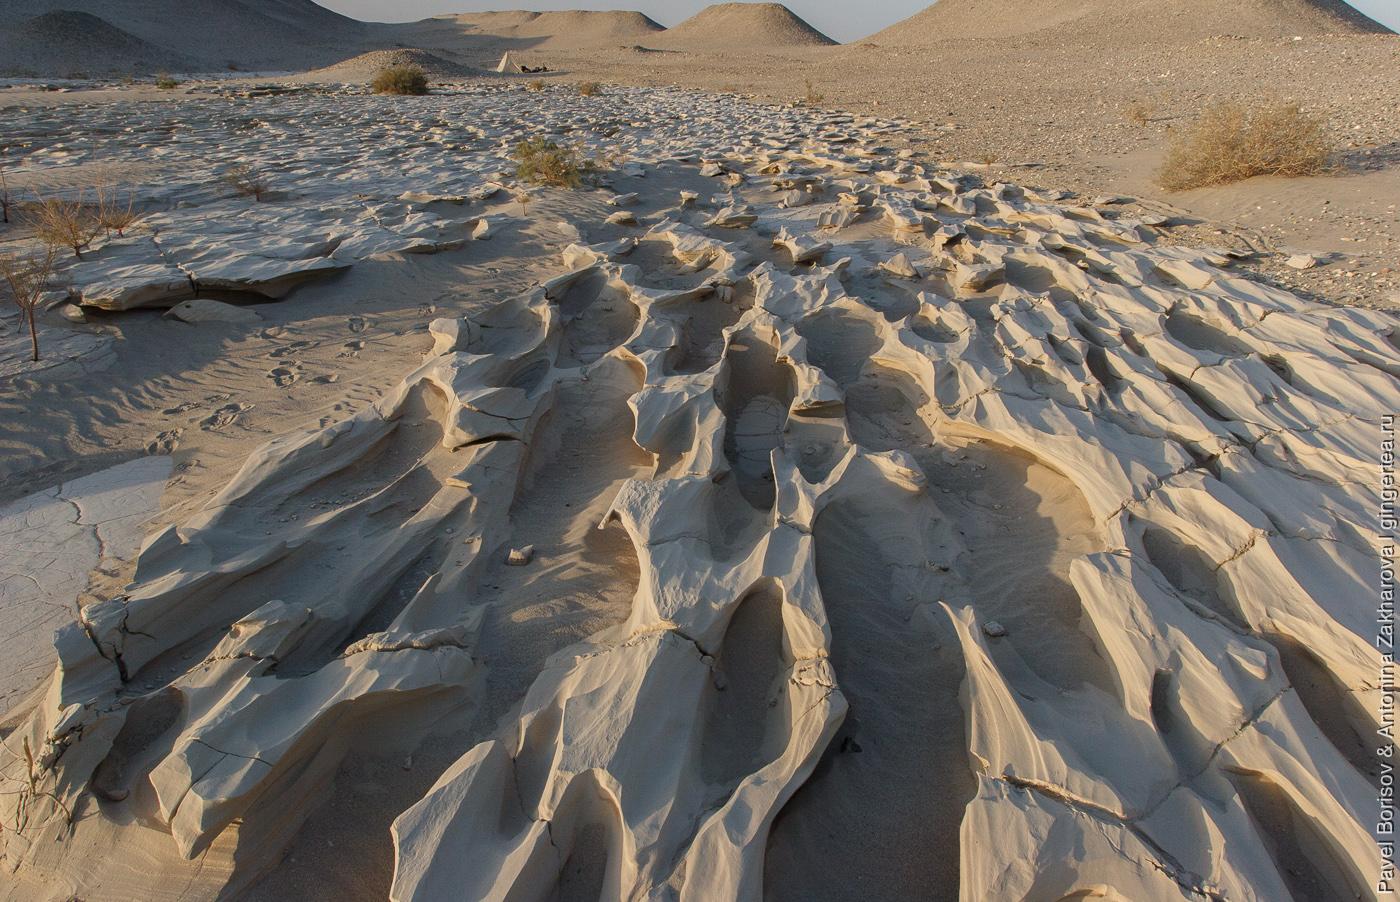 ветровая эрозия в пустыне Такла-Макан